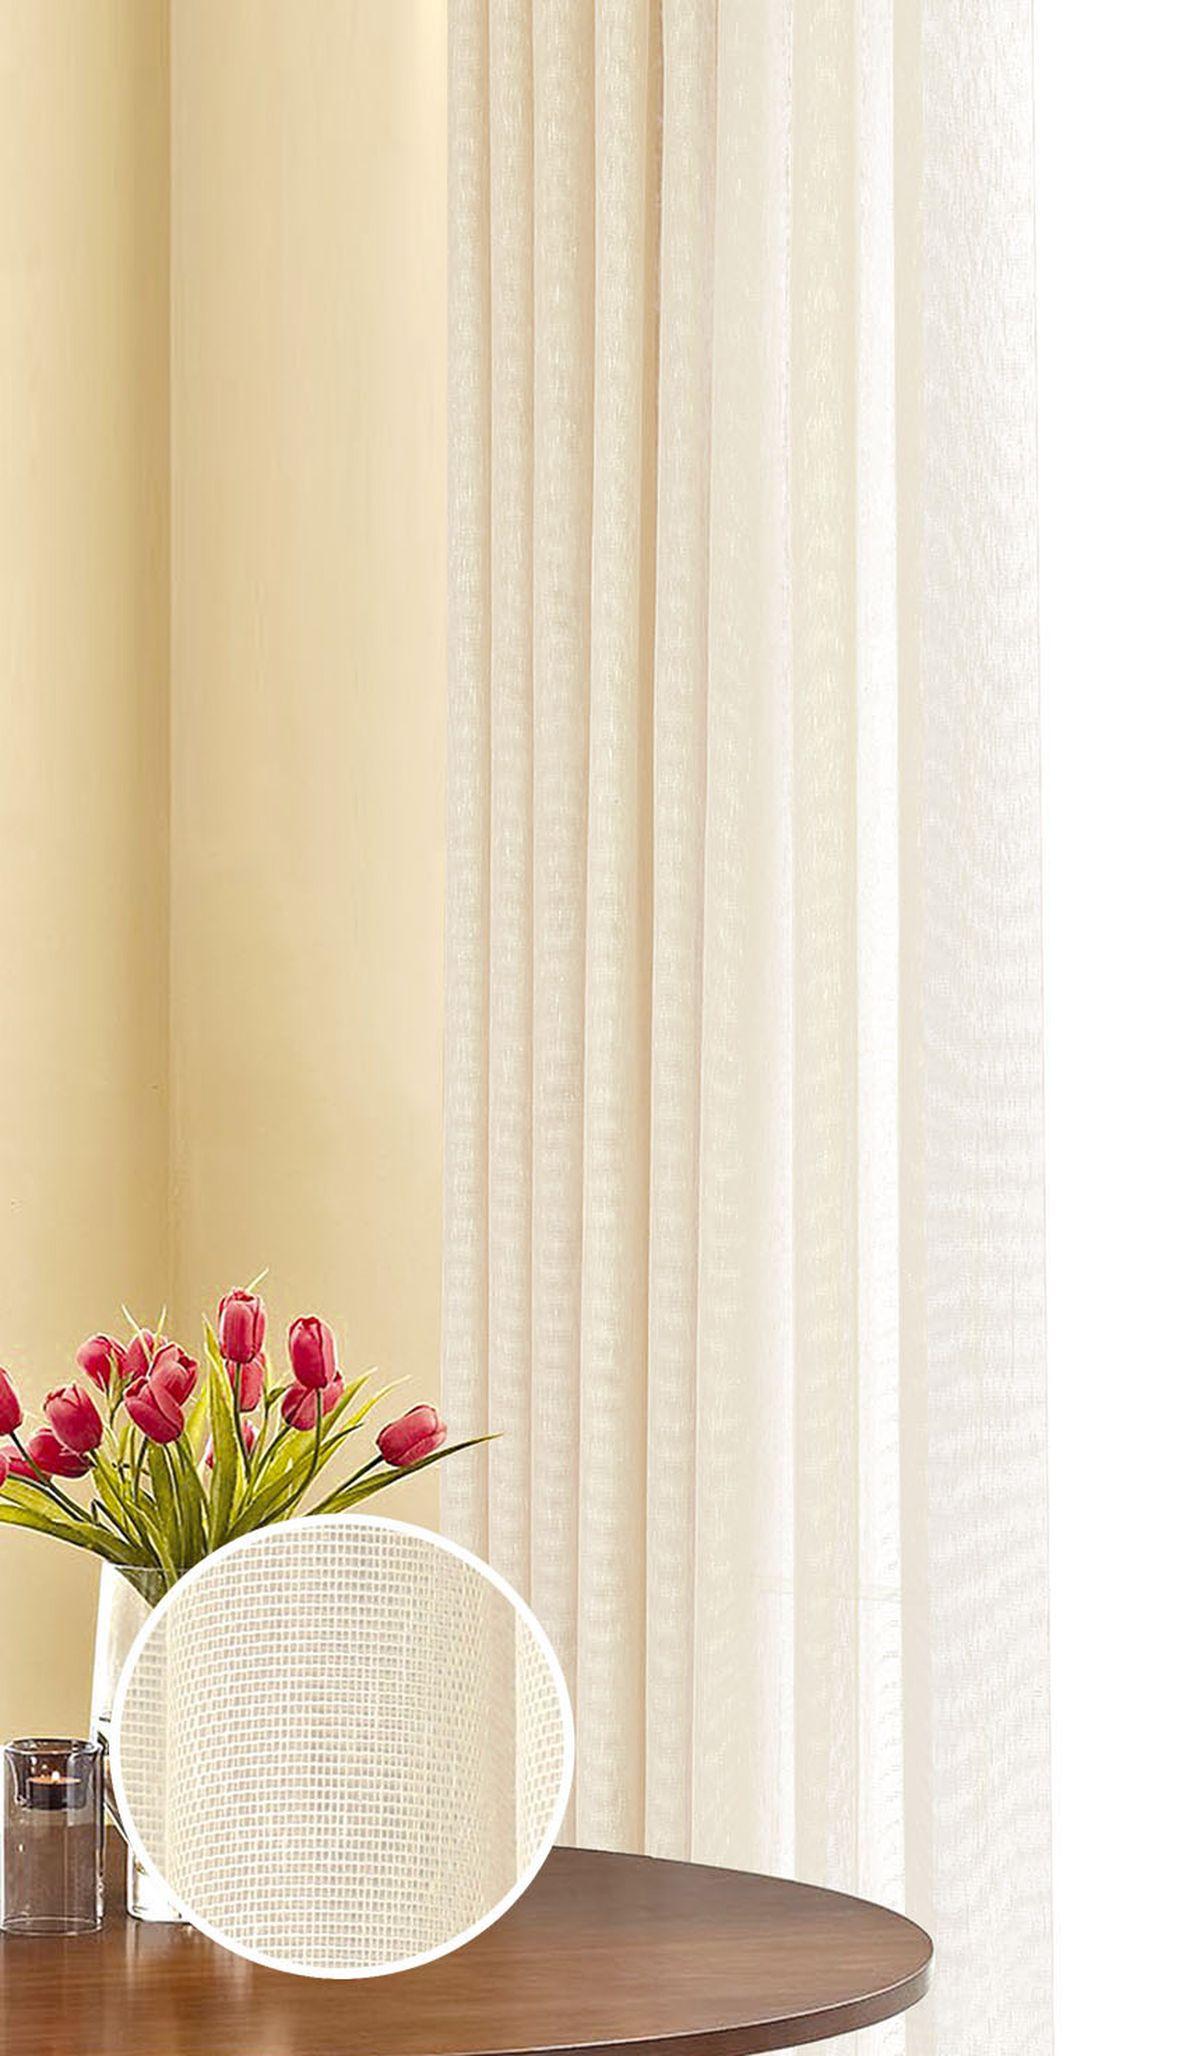 Штора готовая Garden, на ленте, цвет: бежевый, 290х180 см. С 537063 290х180 V7704Изящная штора Garden выполнена из ткани с оригинальной структурой. Приятная текстура и цвет штор привлекут к себе внимание и органично впишутся в интерьер помещения. Штора крепится на карниз при помощи ленты, которая поможет красиво и равномерно задрапировать верх.